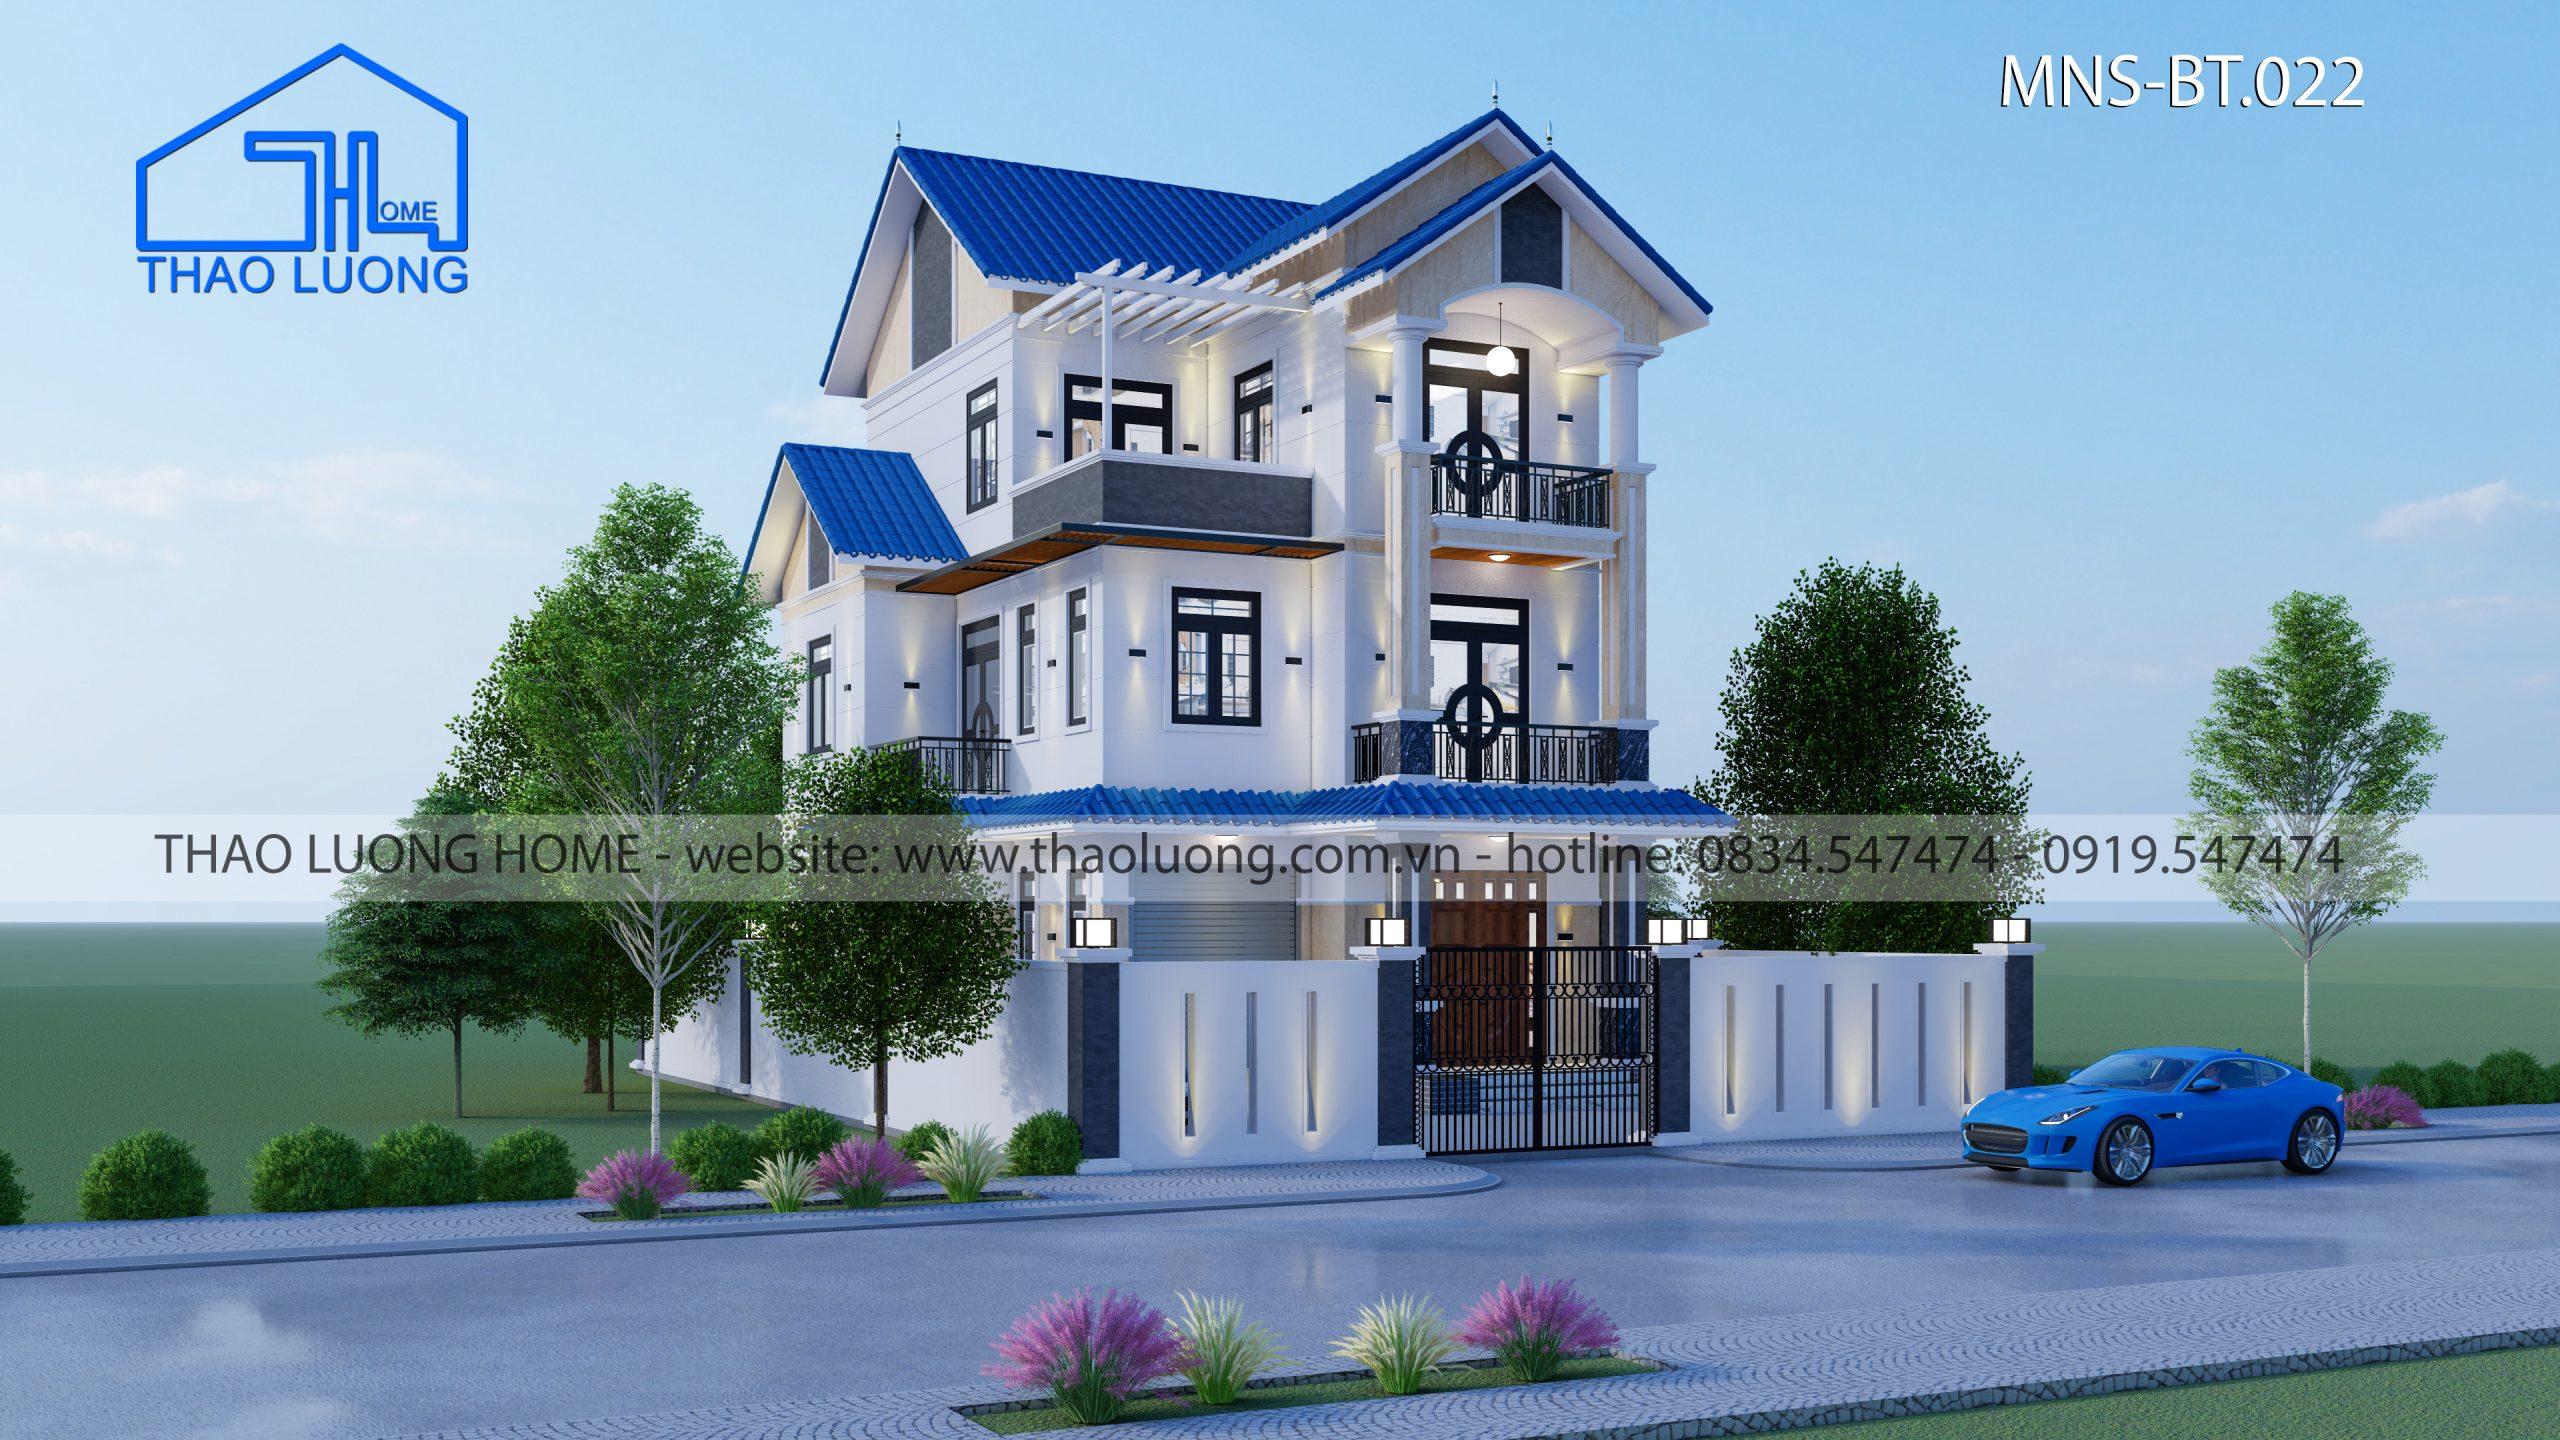 Nhà mái Thái 3 tầng MT 022